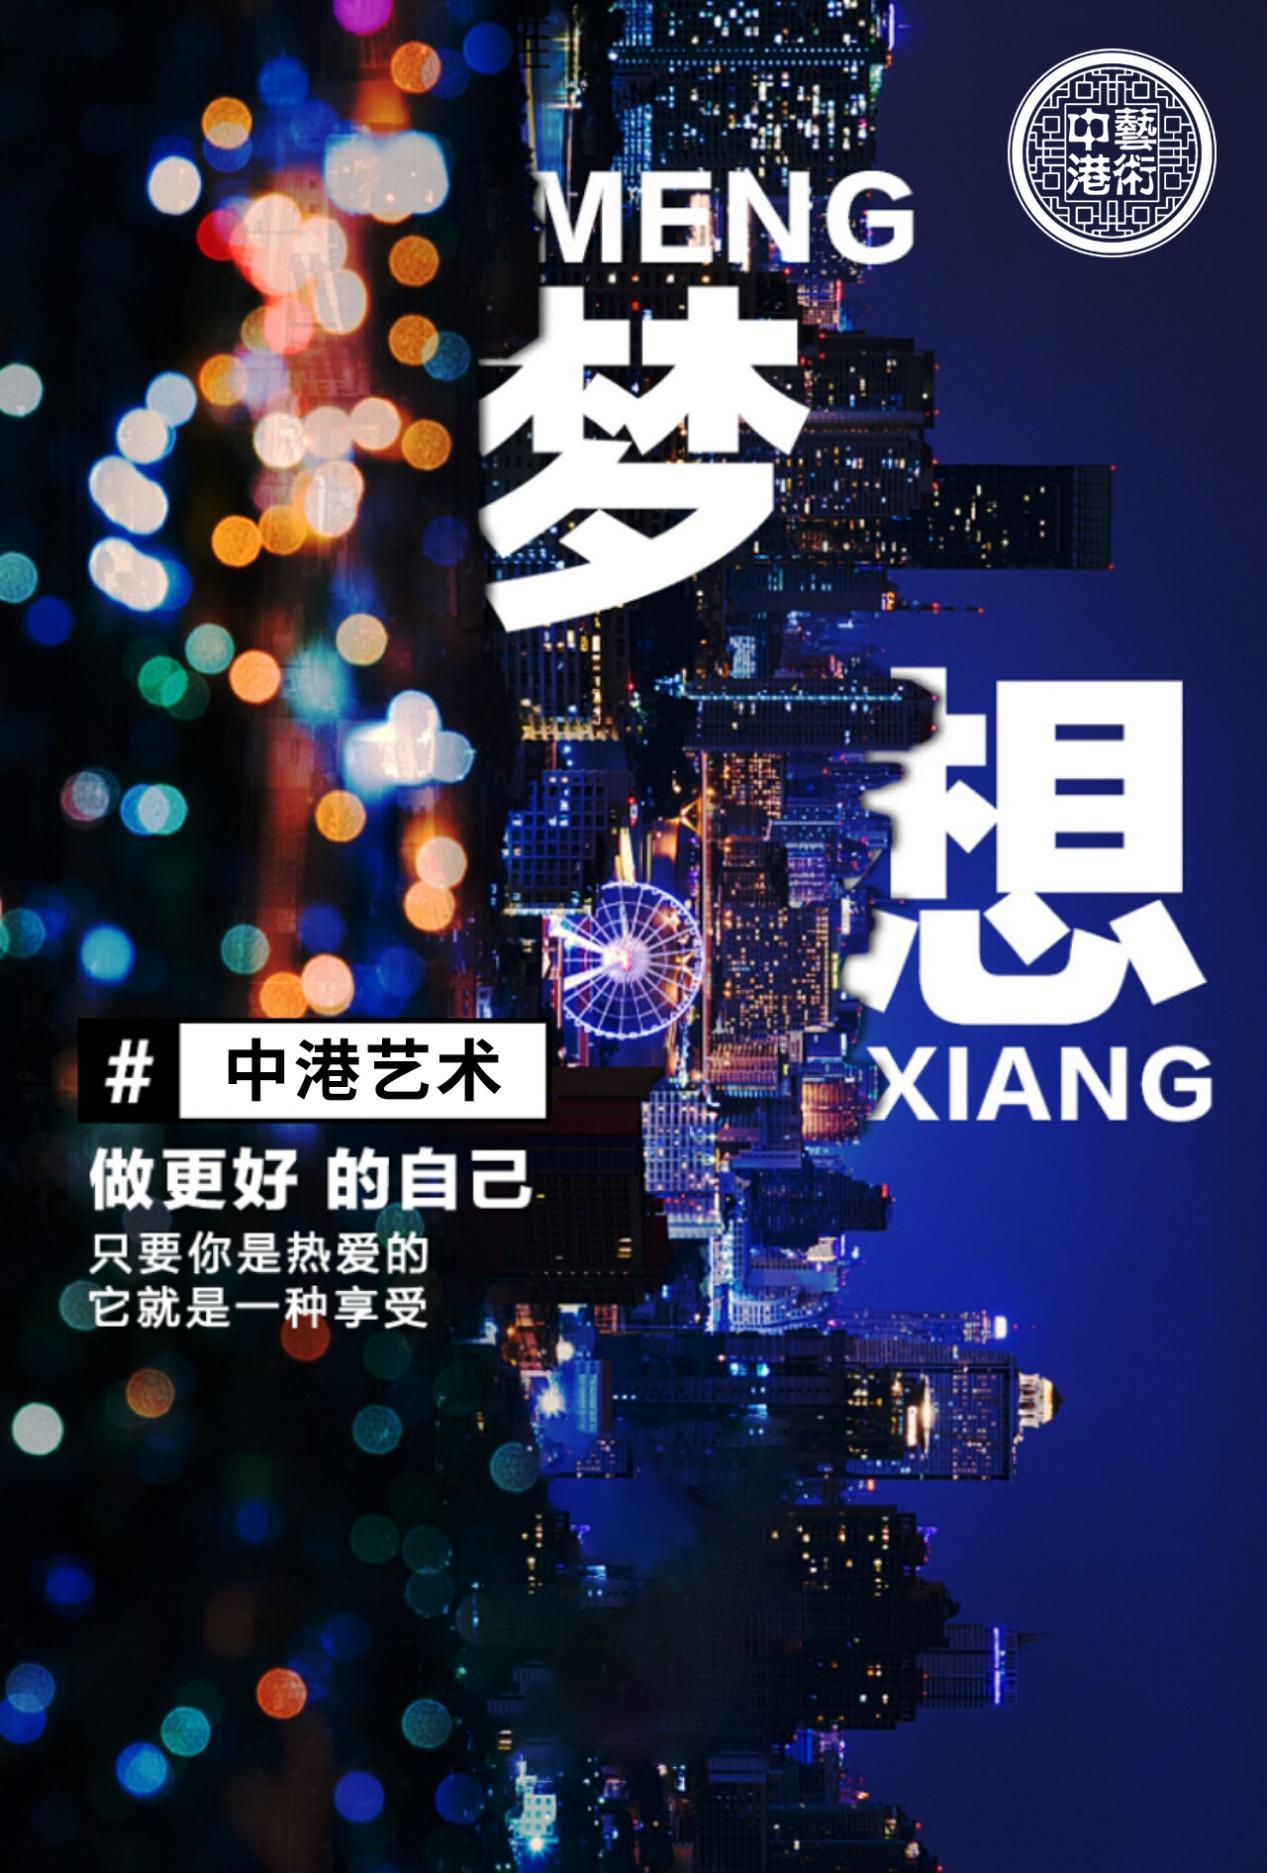 中港艺术网——匠心筑梦,打造一站式便捷艺术品交易平台